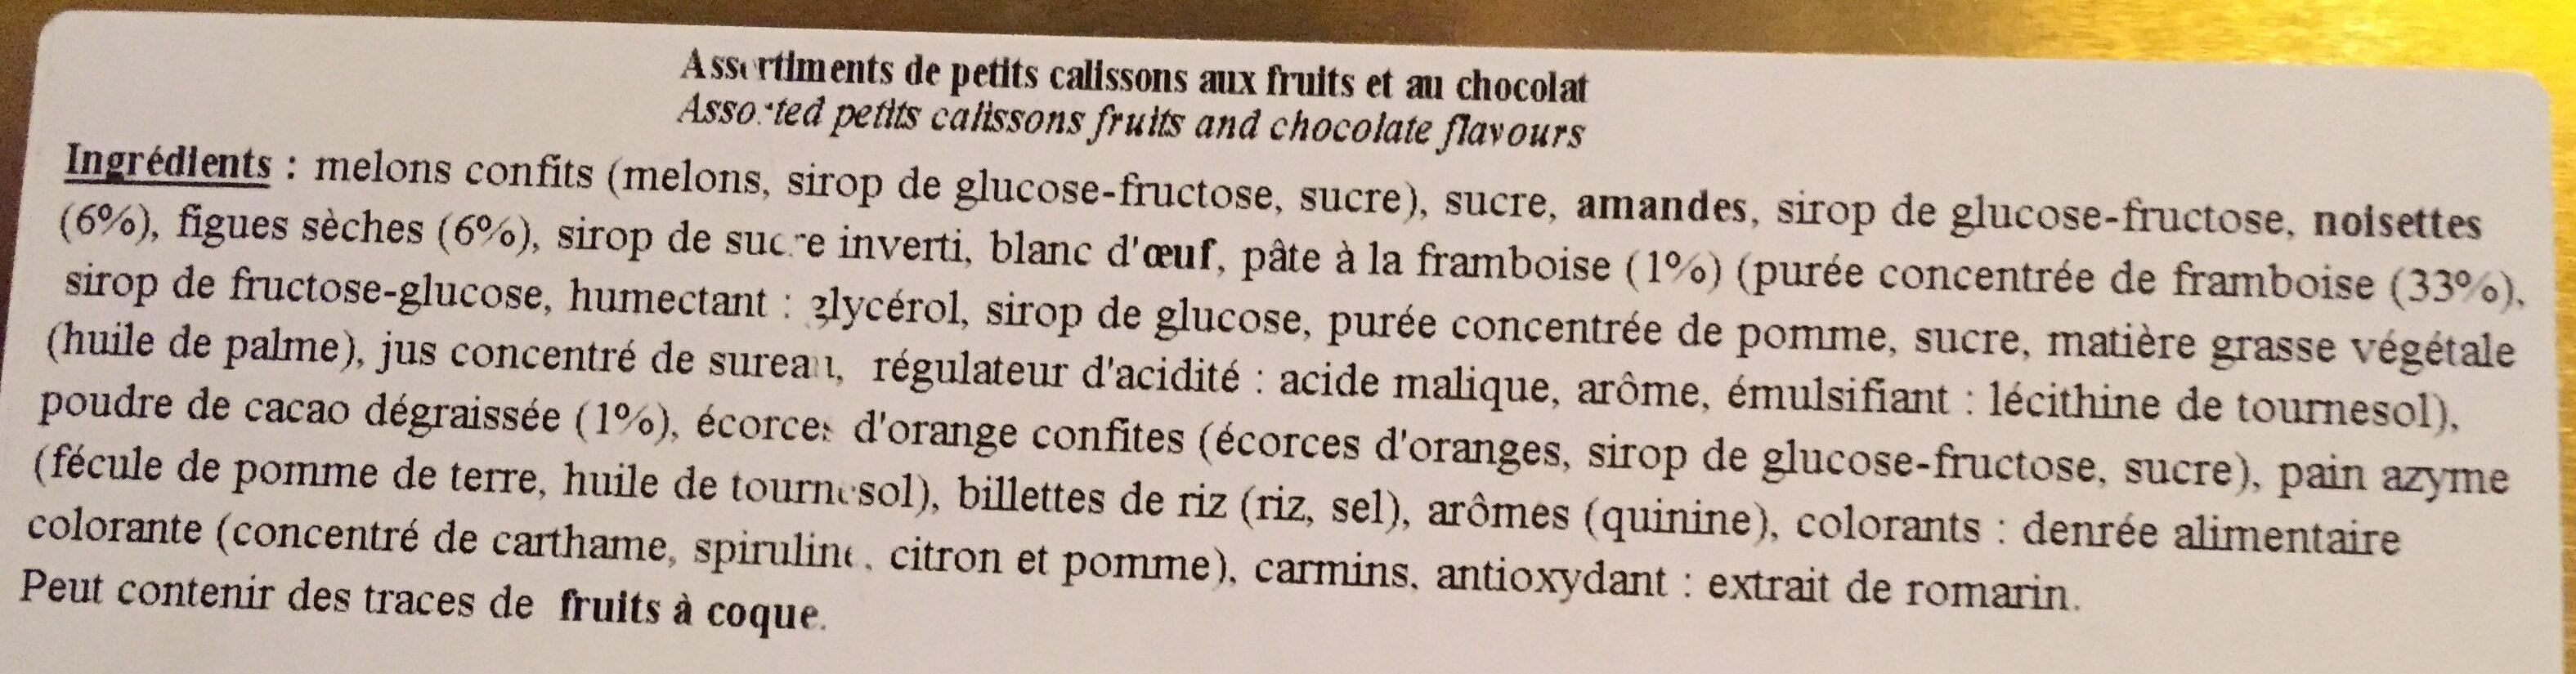 PETITS CALISSONS - Ingrédients - fr